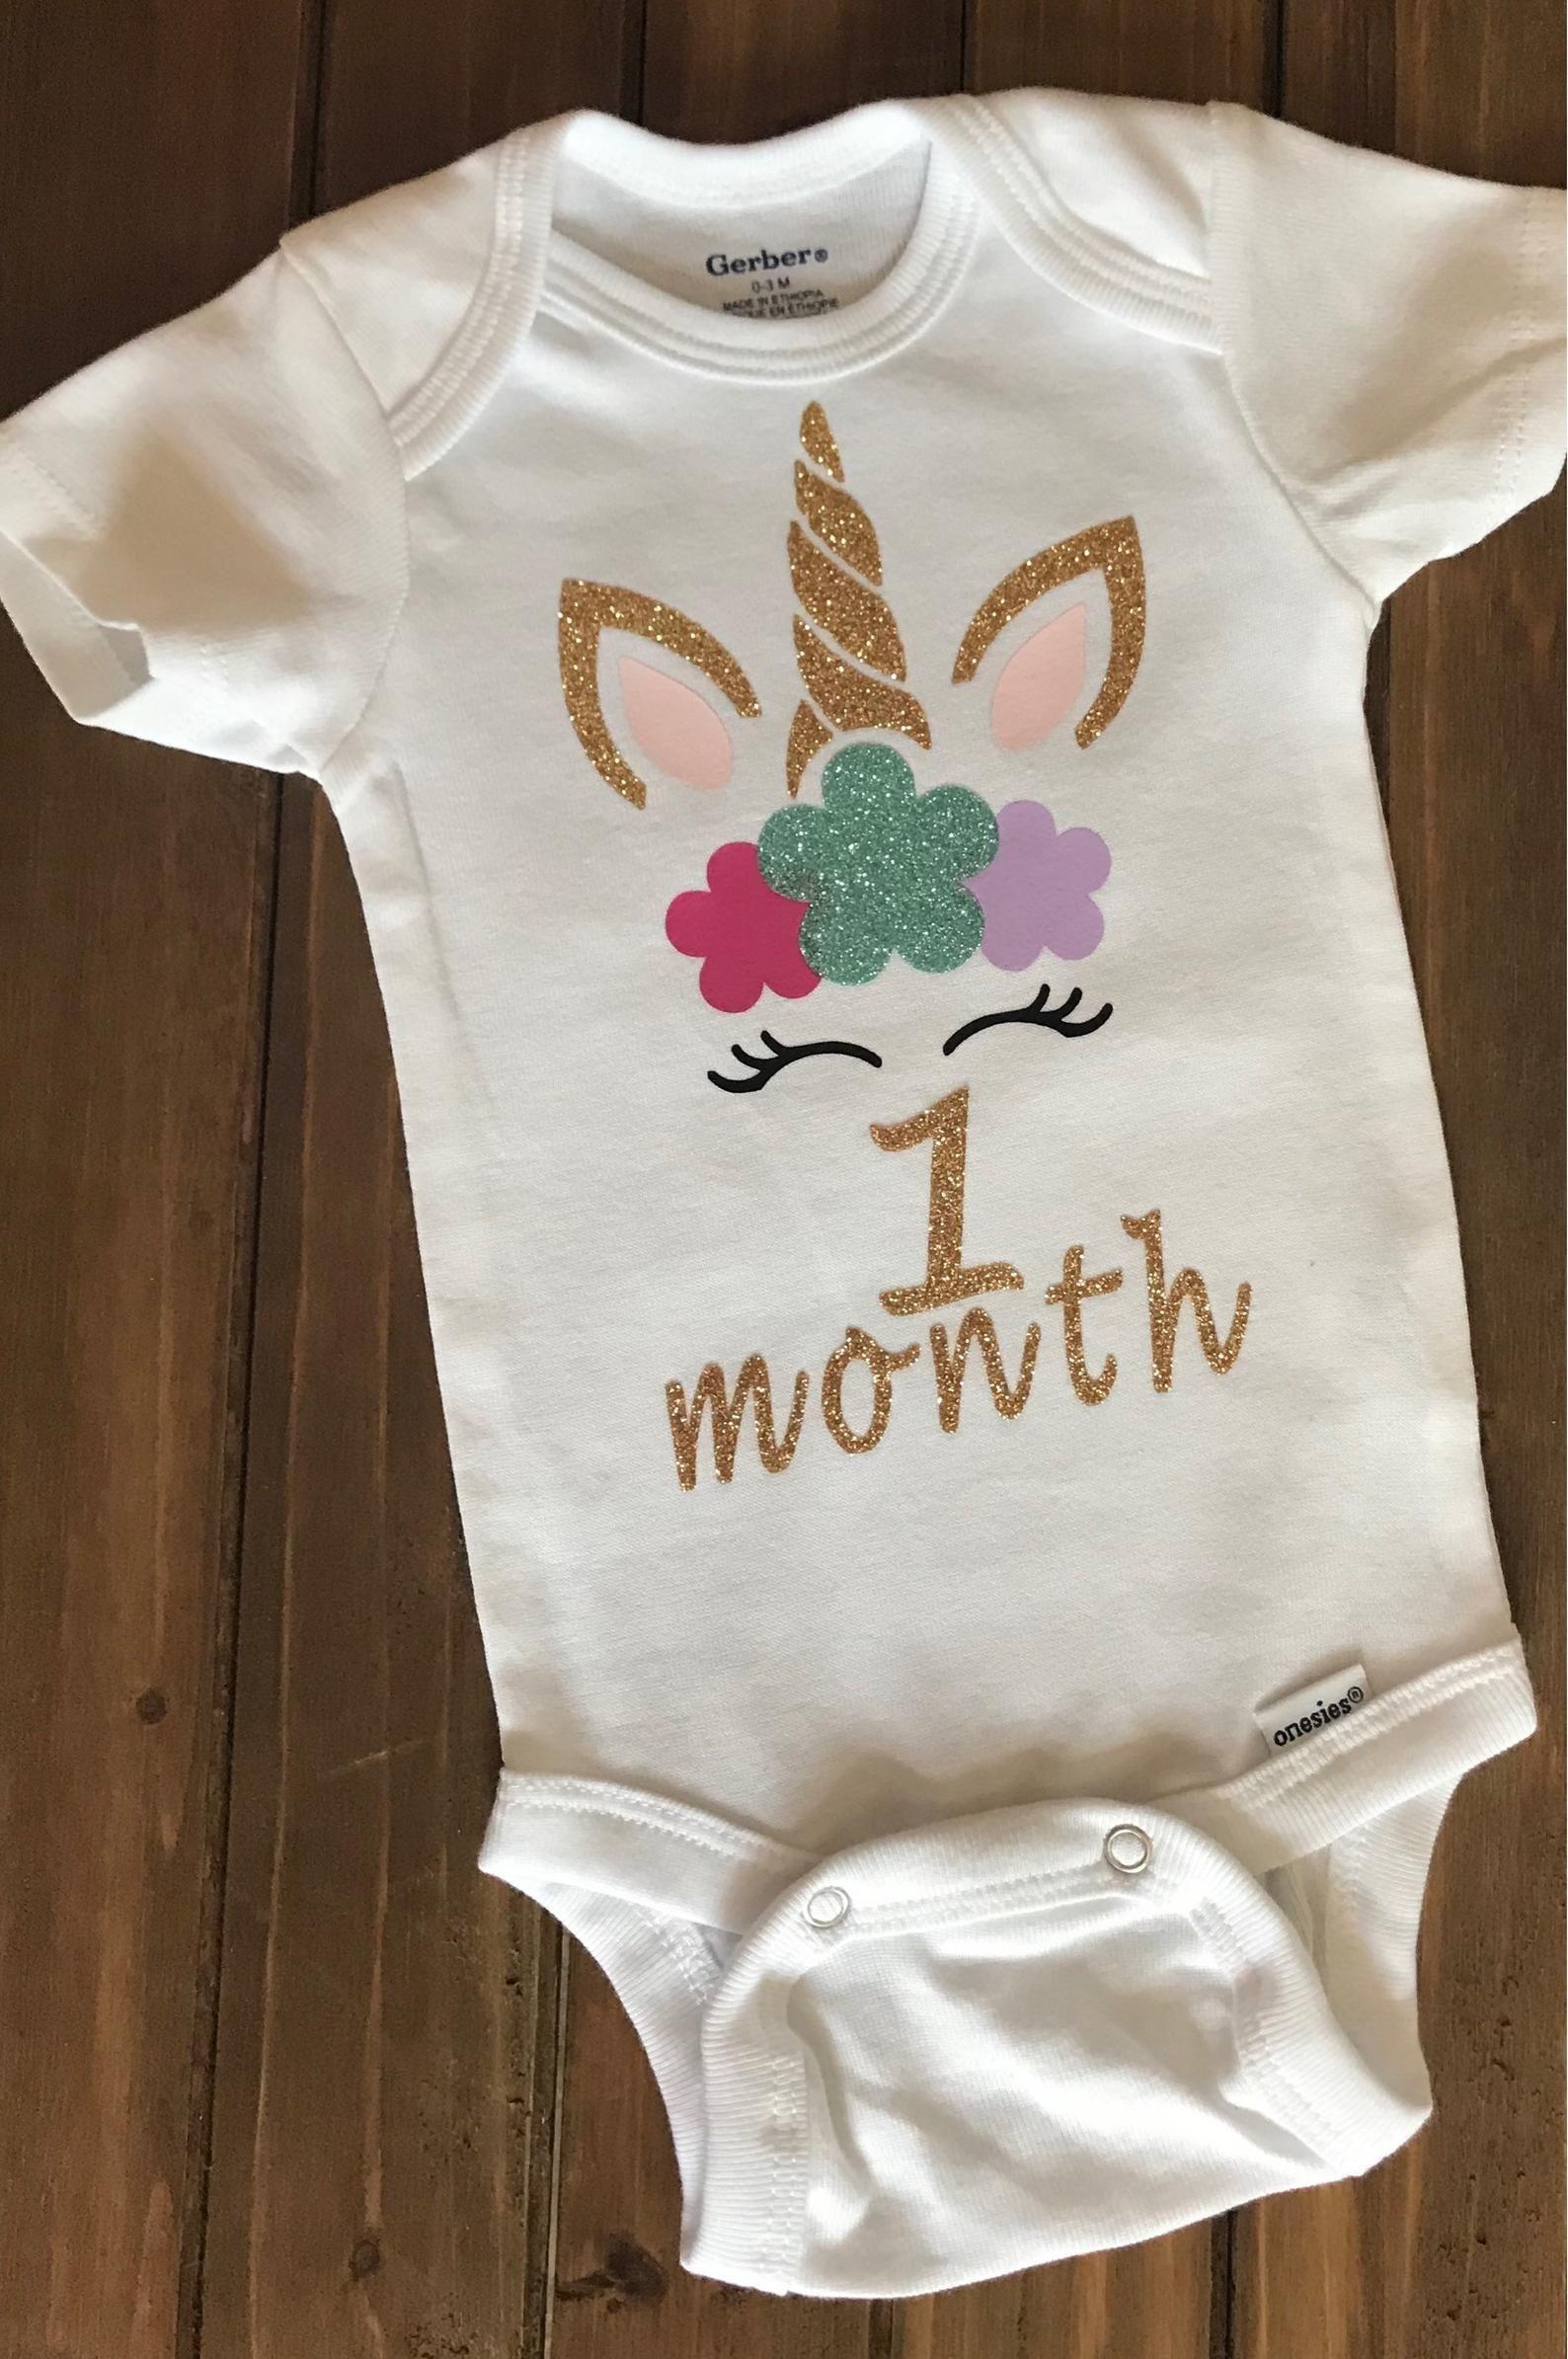 0-3m Baby Baby Shower Gift Unicorns Handmade Baby Bib Newborn up to 12m